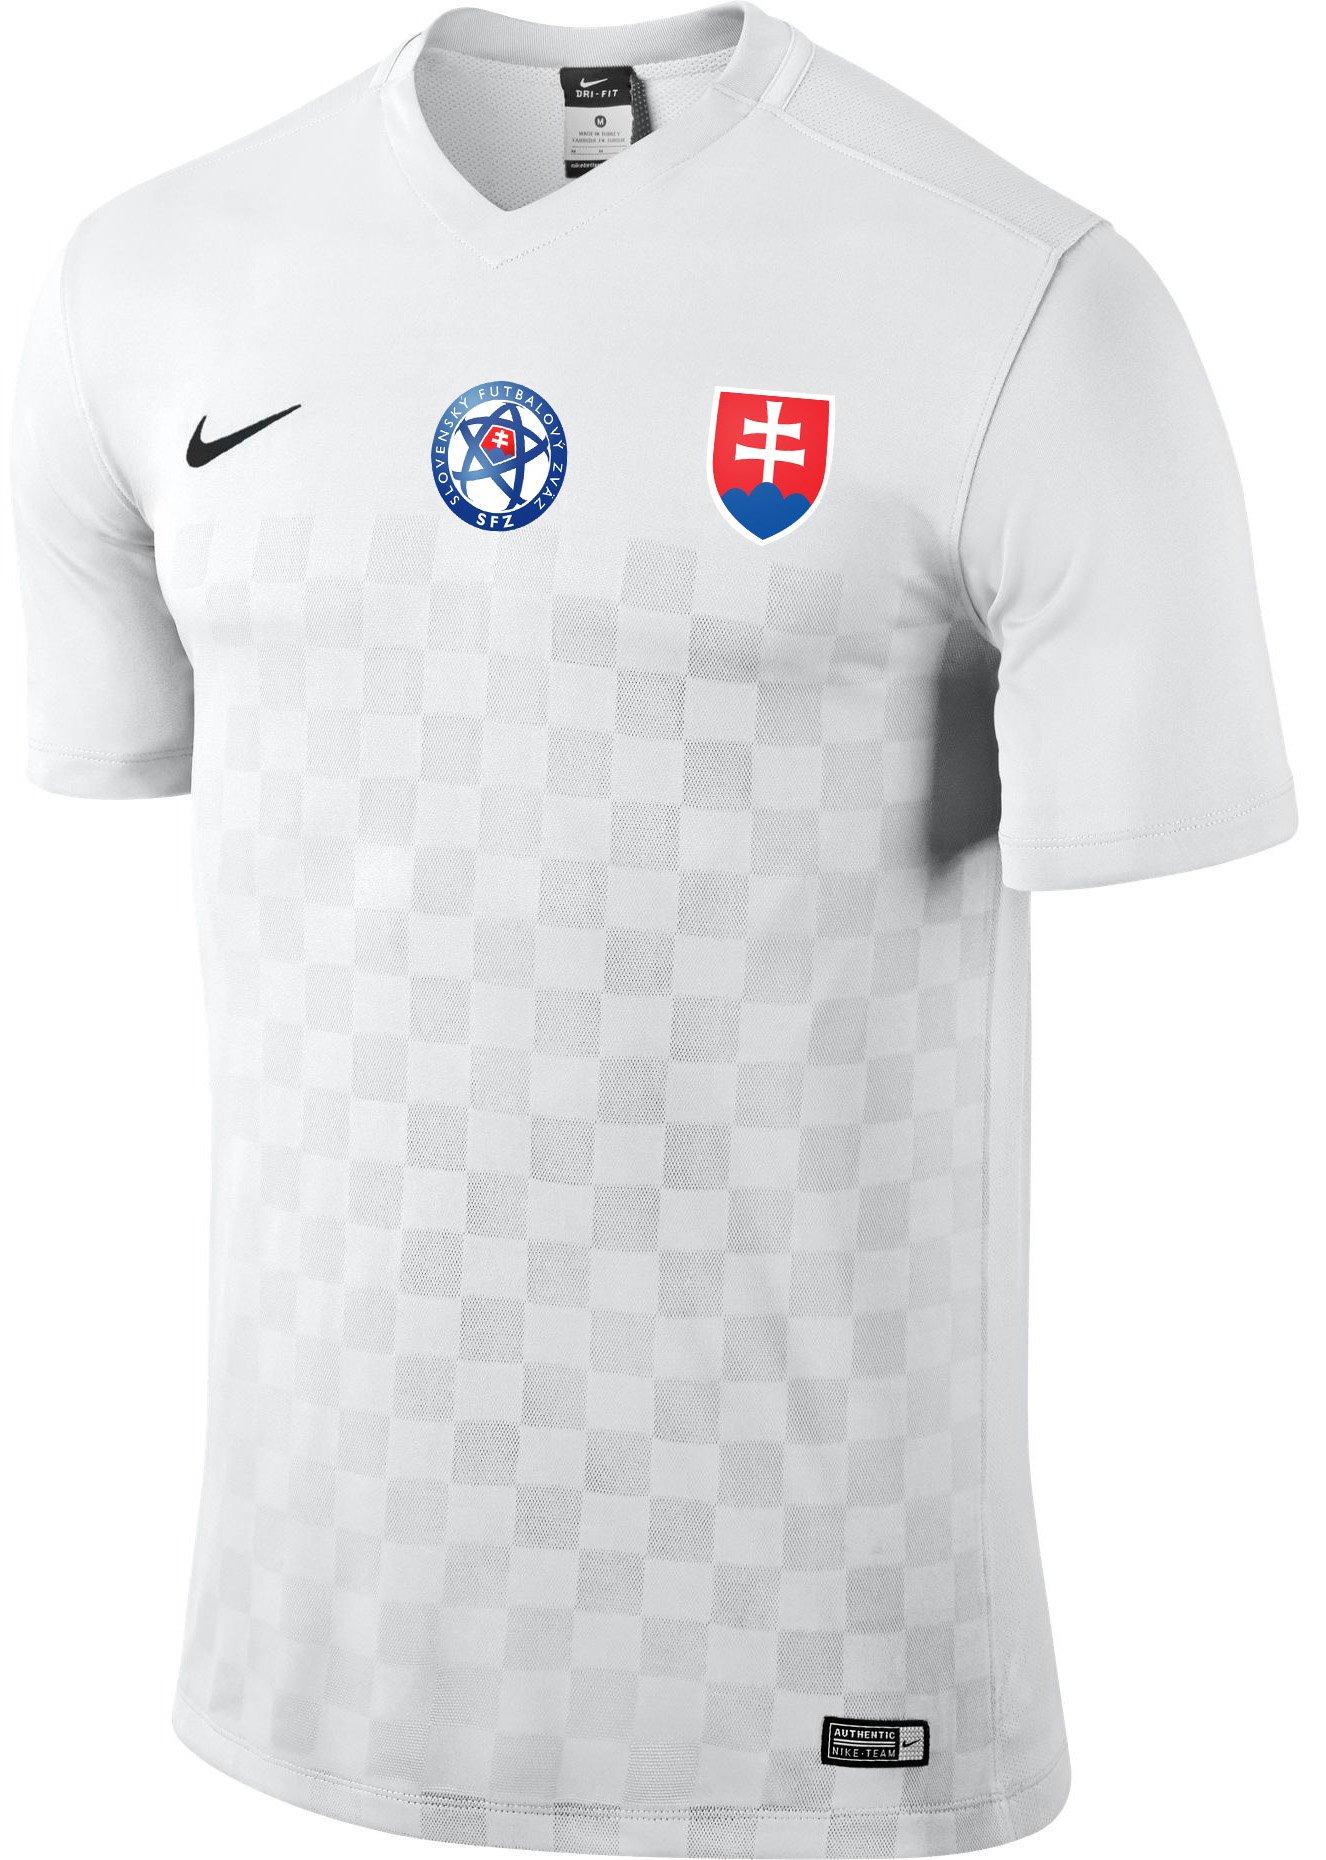 Originál domáci dres Nike Slovensko 2016/2017